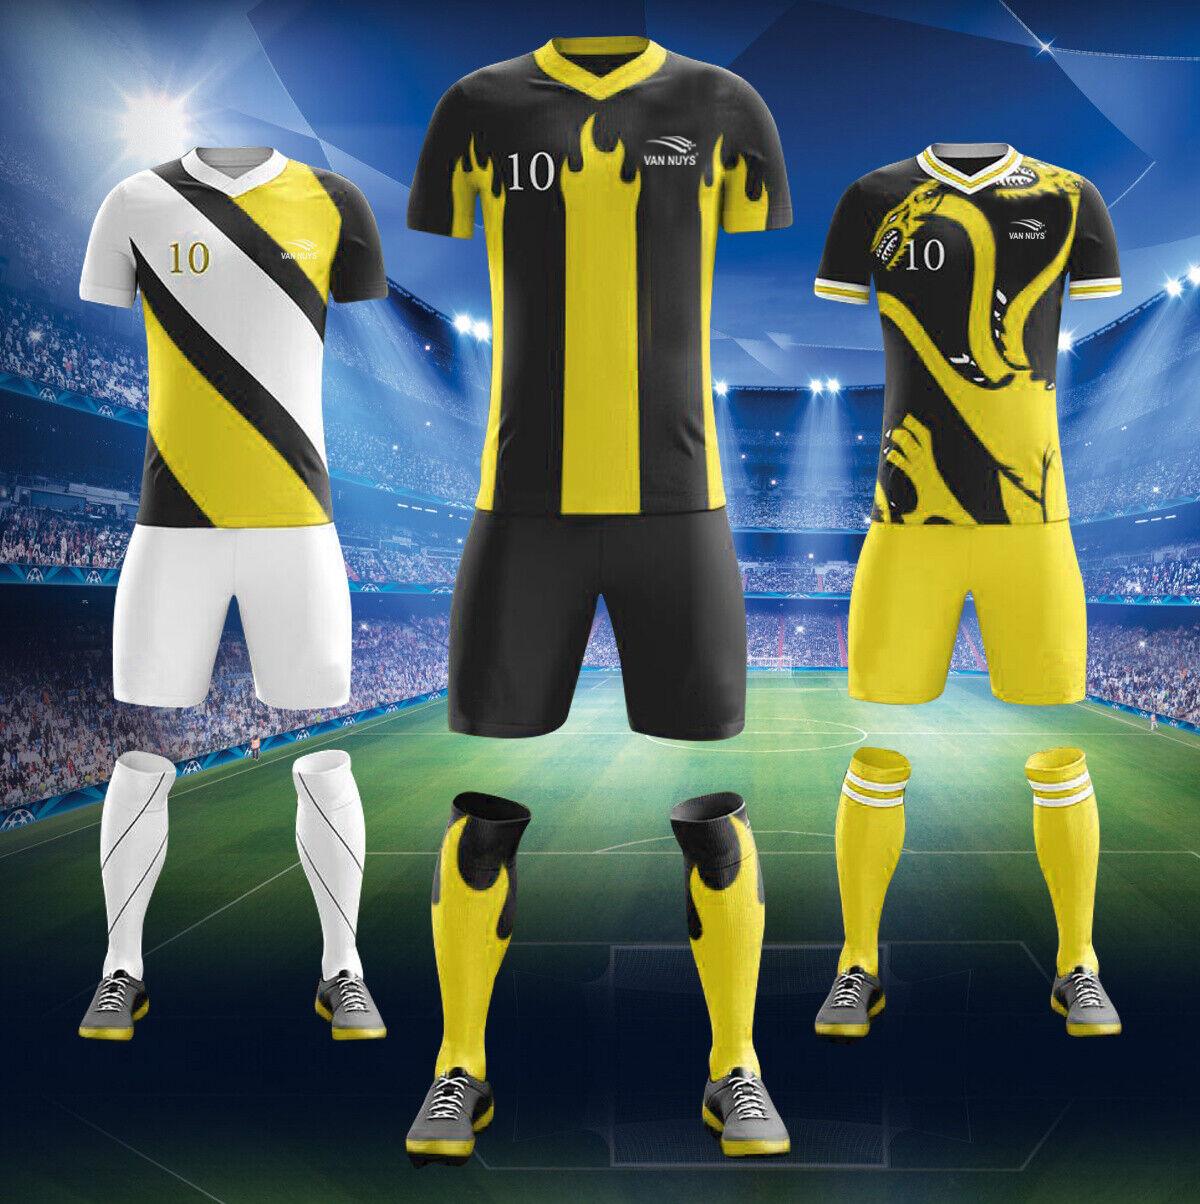 México Fútbol Jersey logotipo personalizado de nombre del equipo de fútbol uniforme número de nombre de jugador